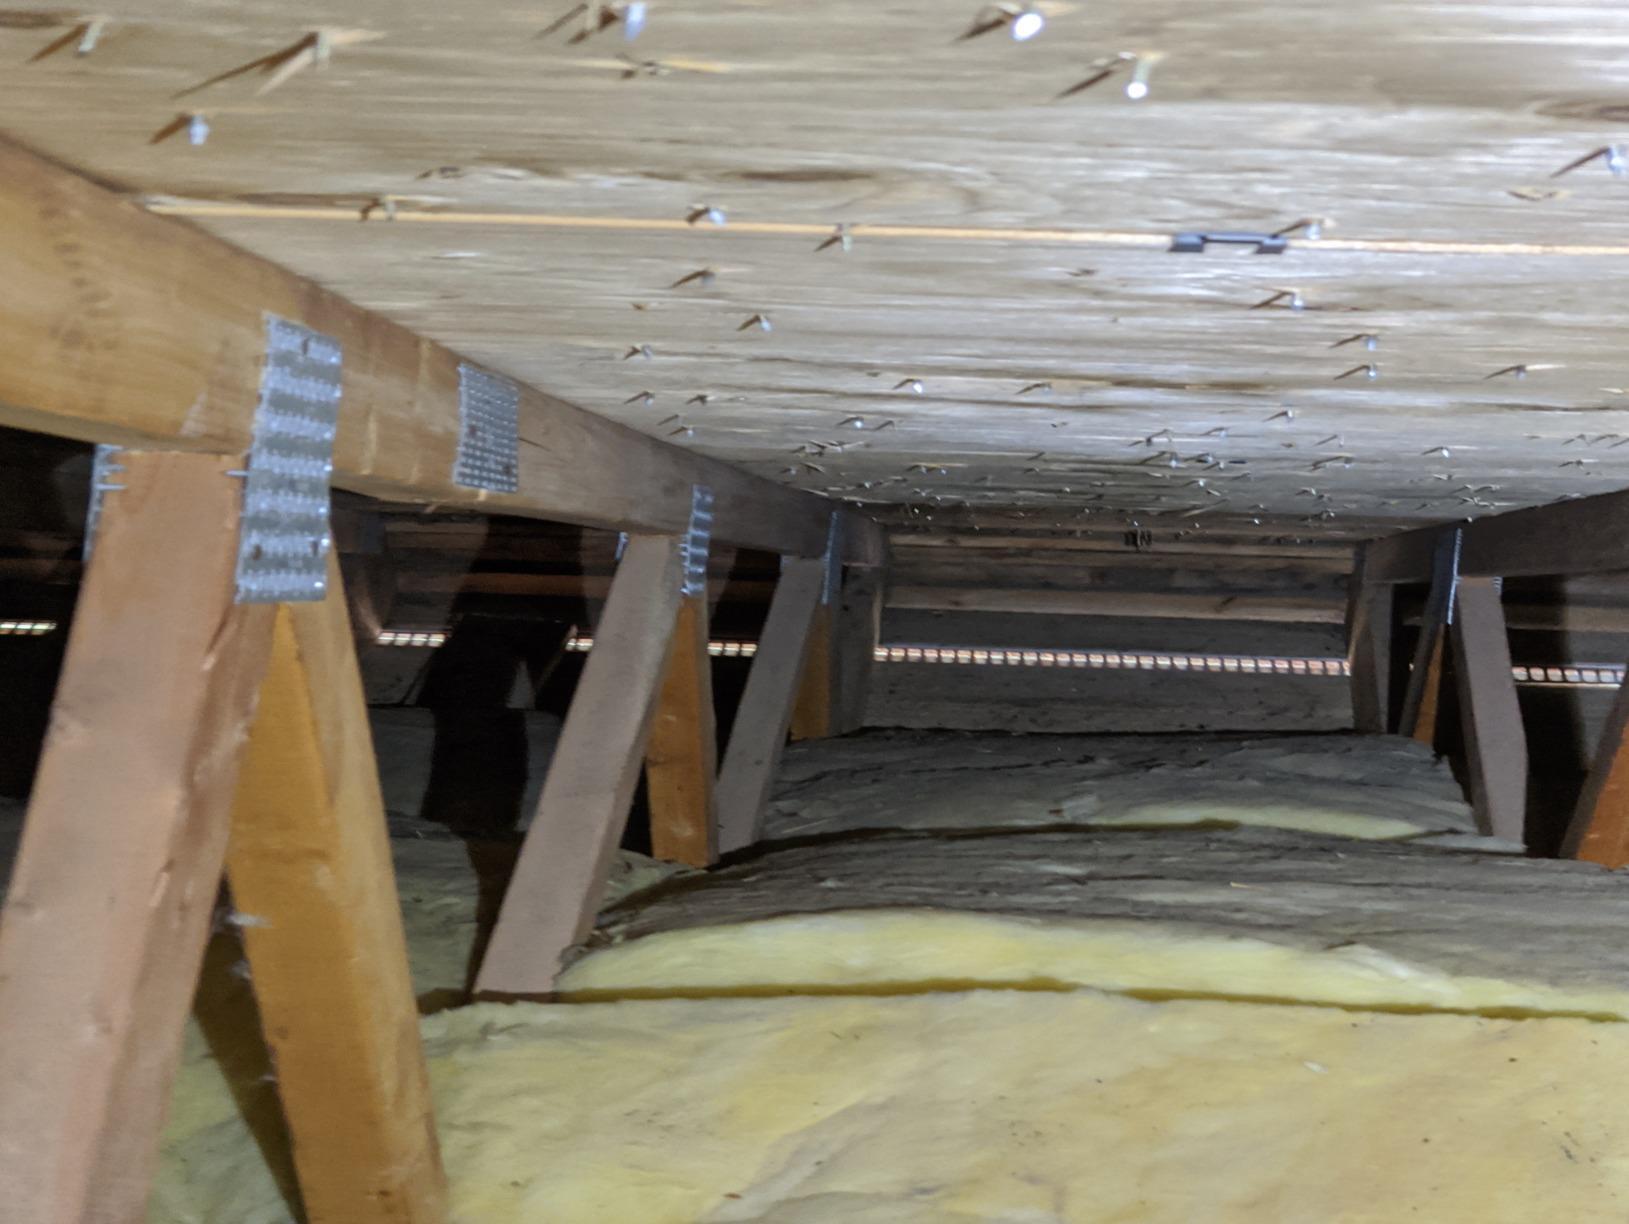 Attic Insulation Atlanta, IL - Before Photo